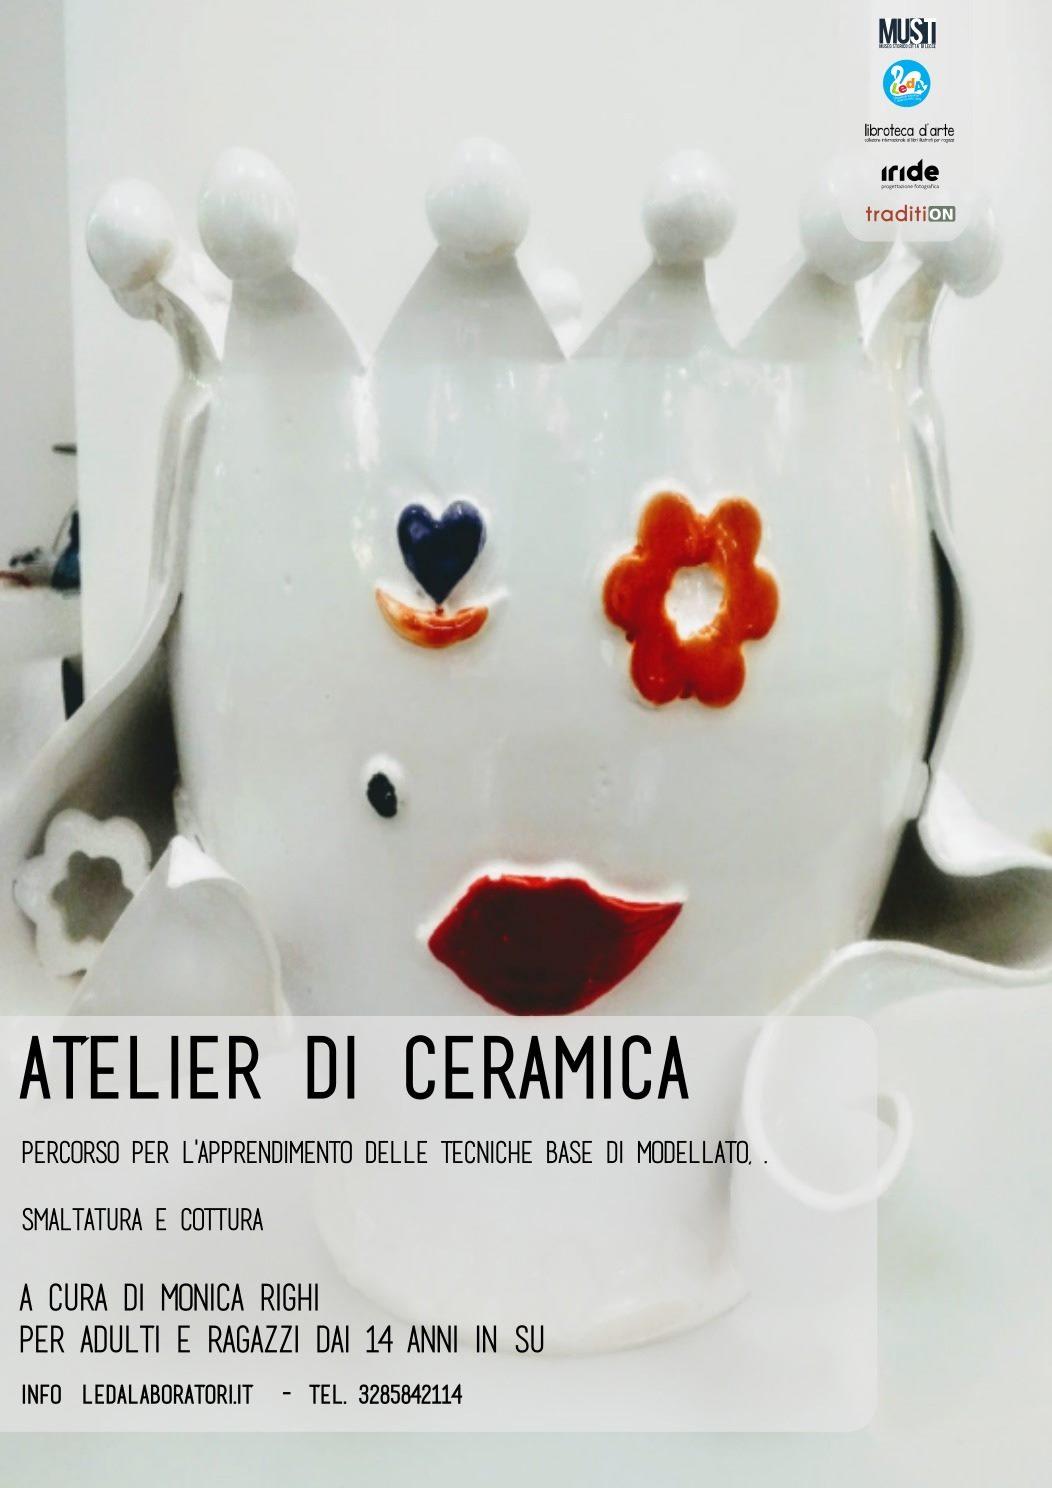 ATELIER DI CERAMICA